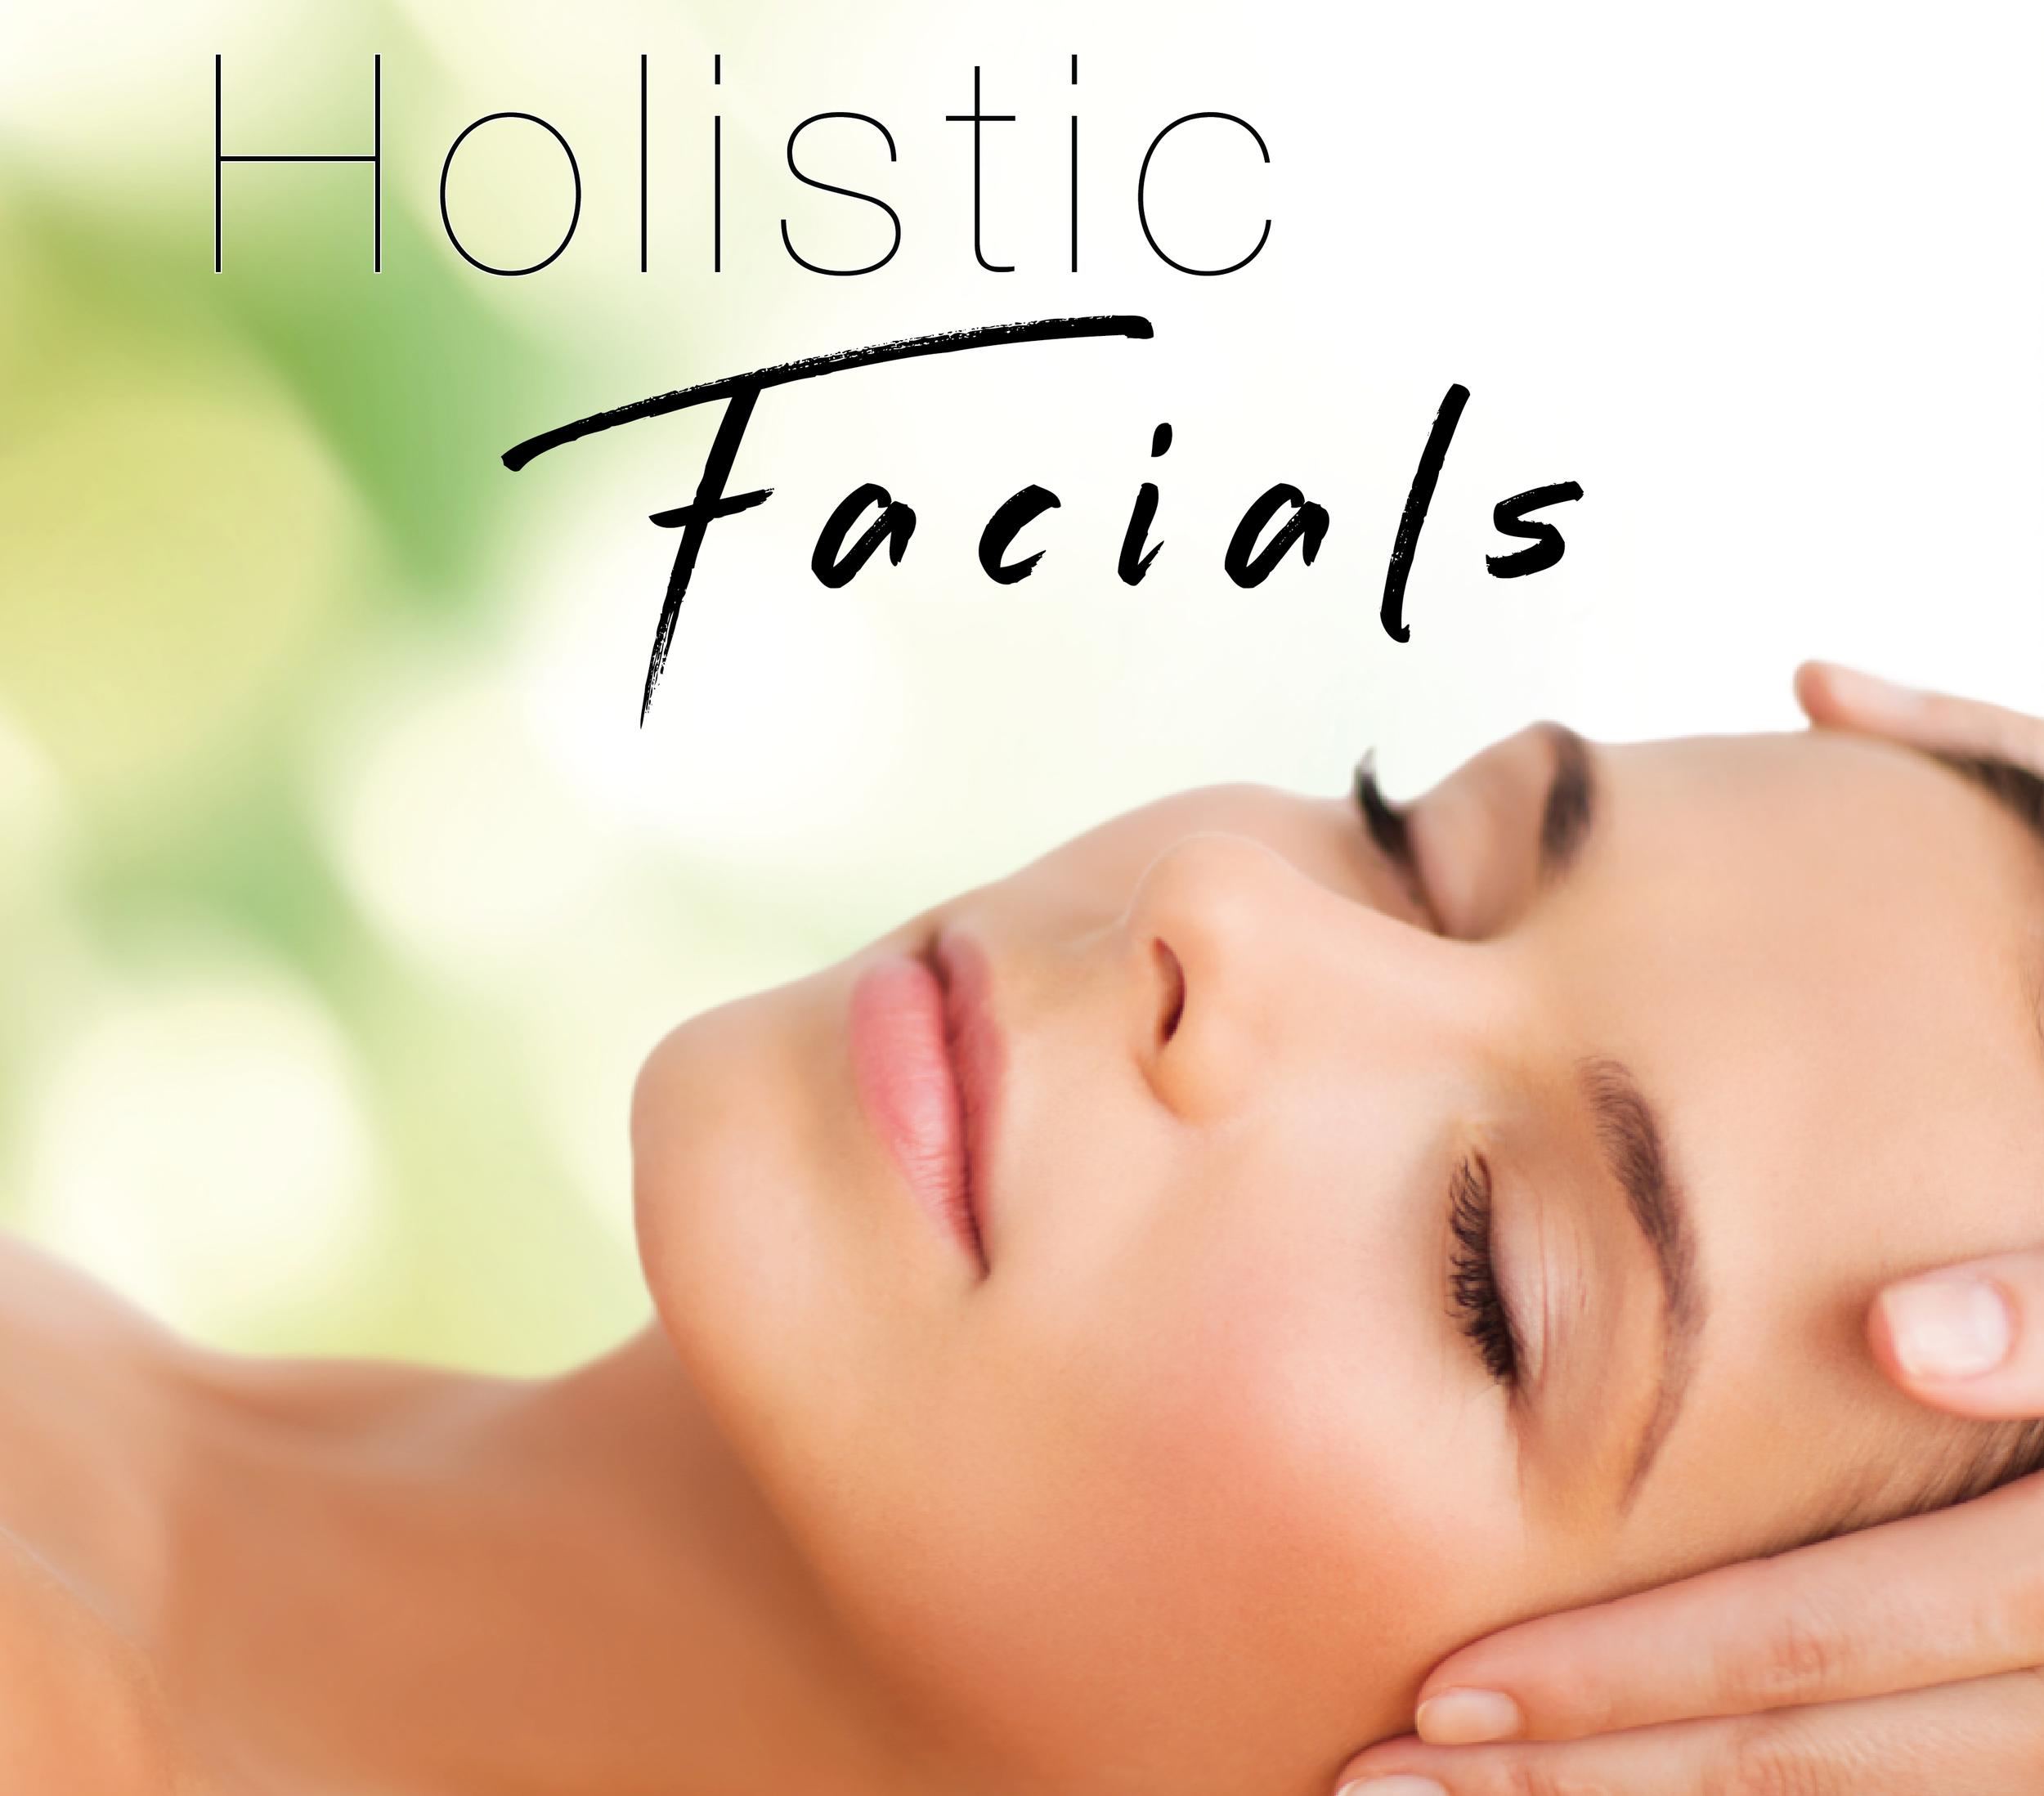 Holistic Facials